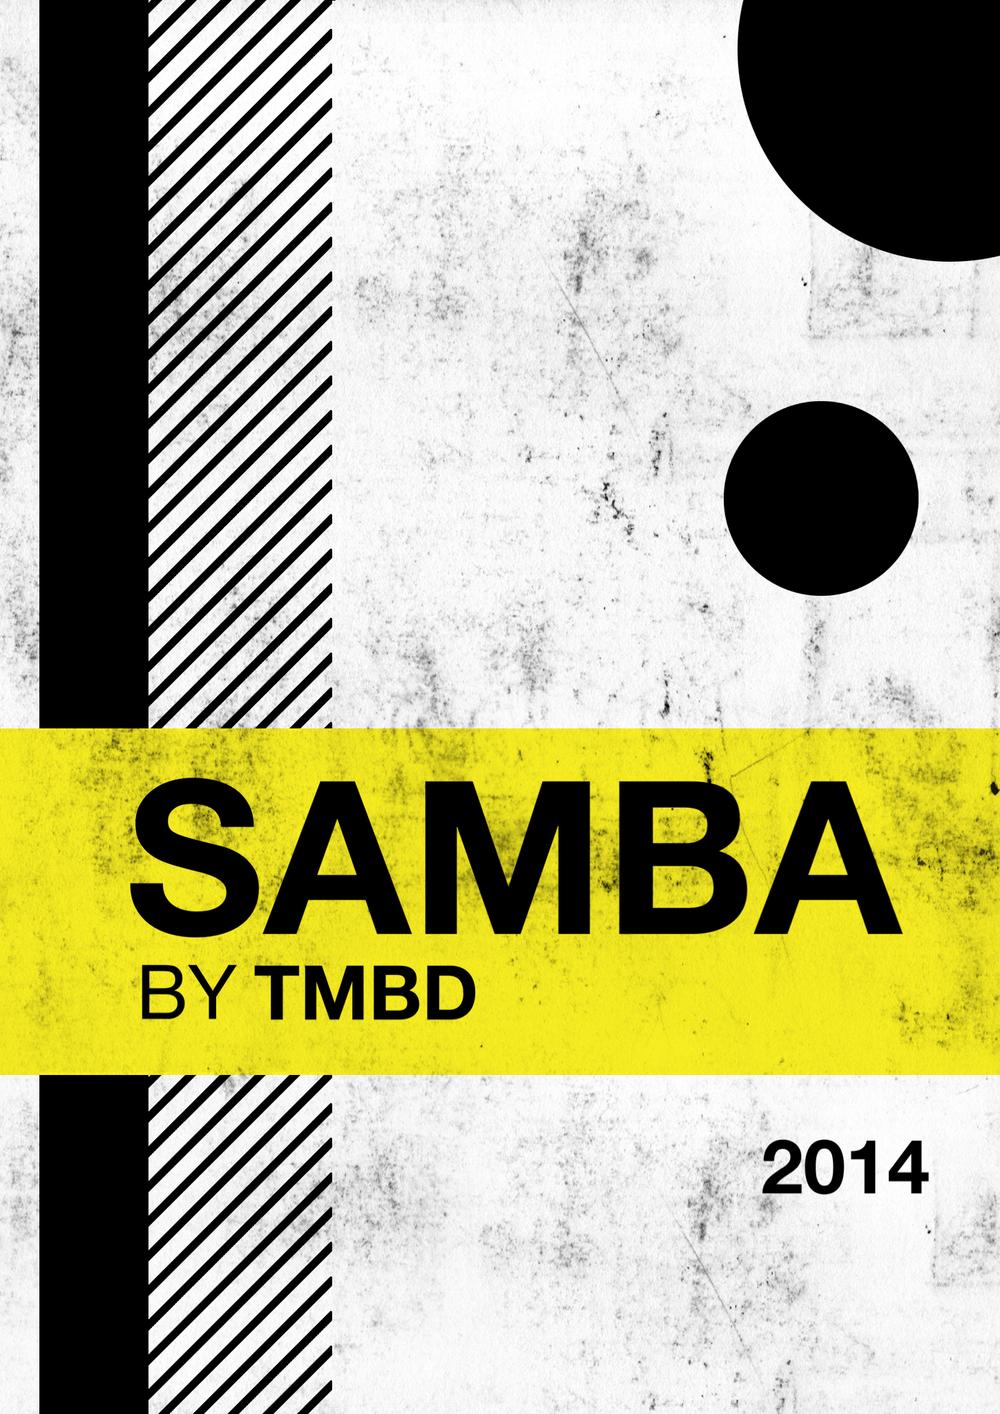 denver samba dance lessons